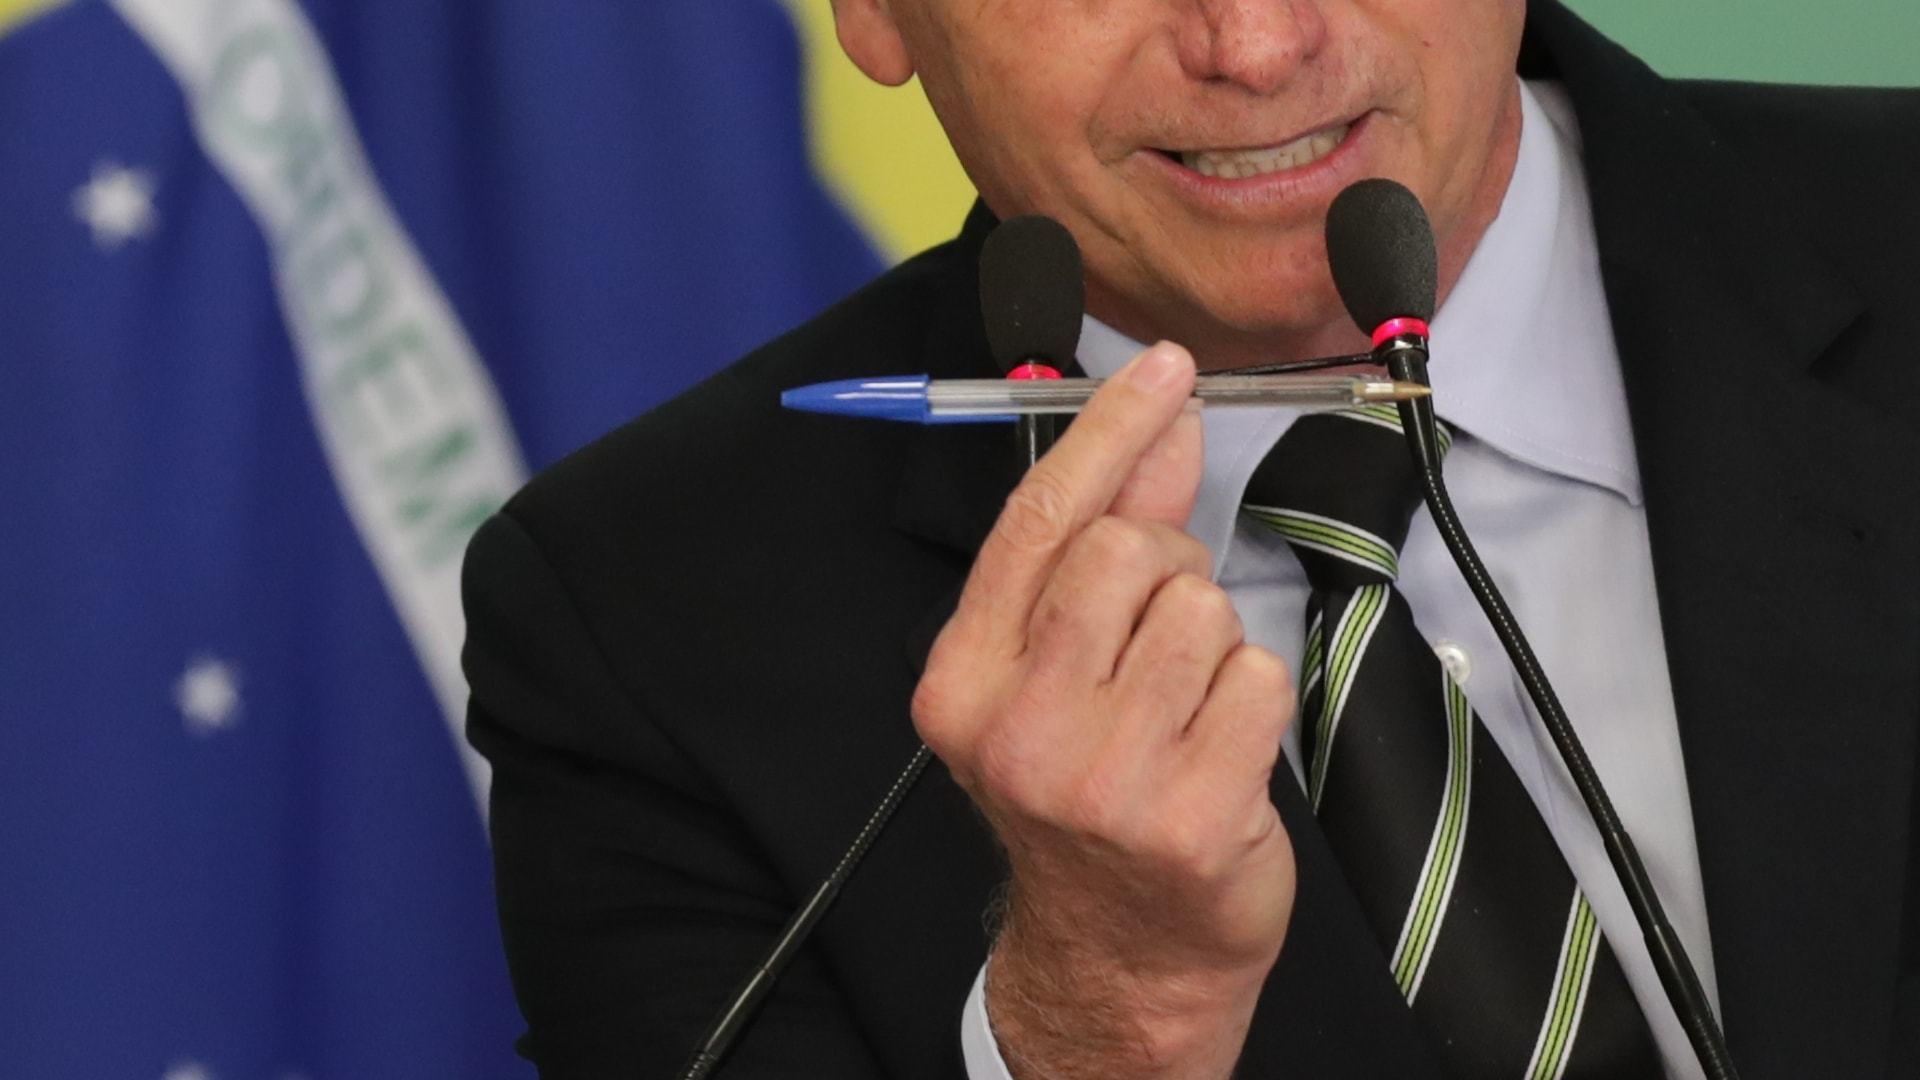 Presidente Jair Bolsonaro segura uma caneta BIC antes de assinar decreto de armas, em janeiro de 2019.